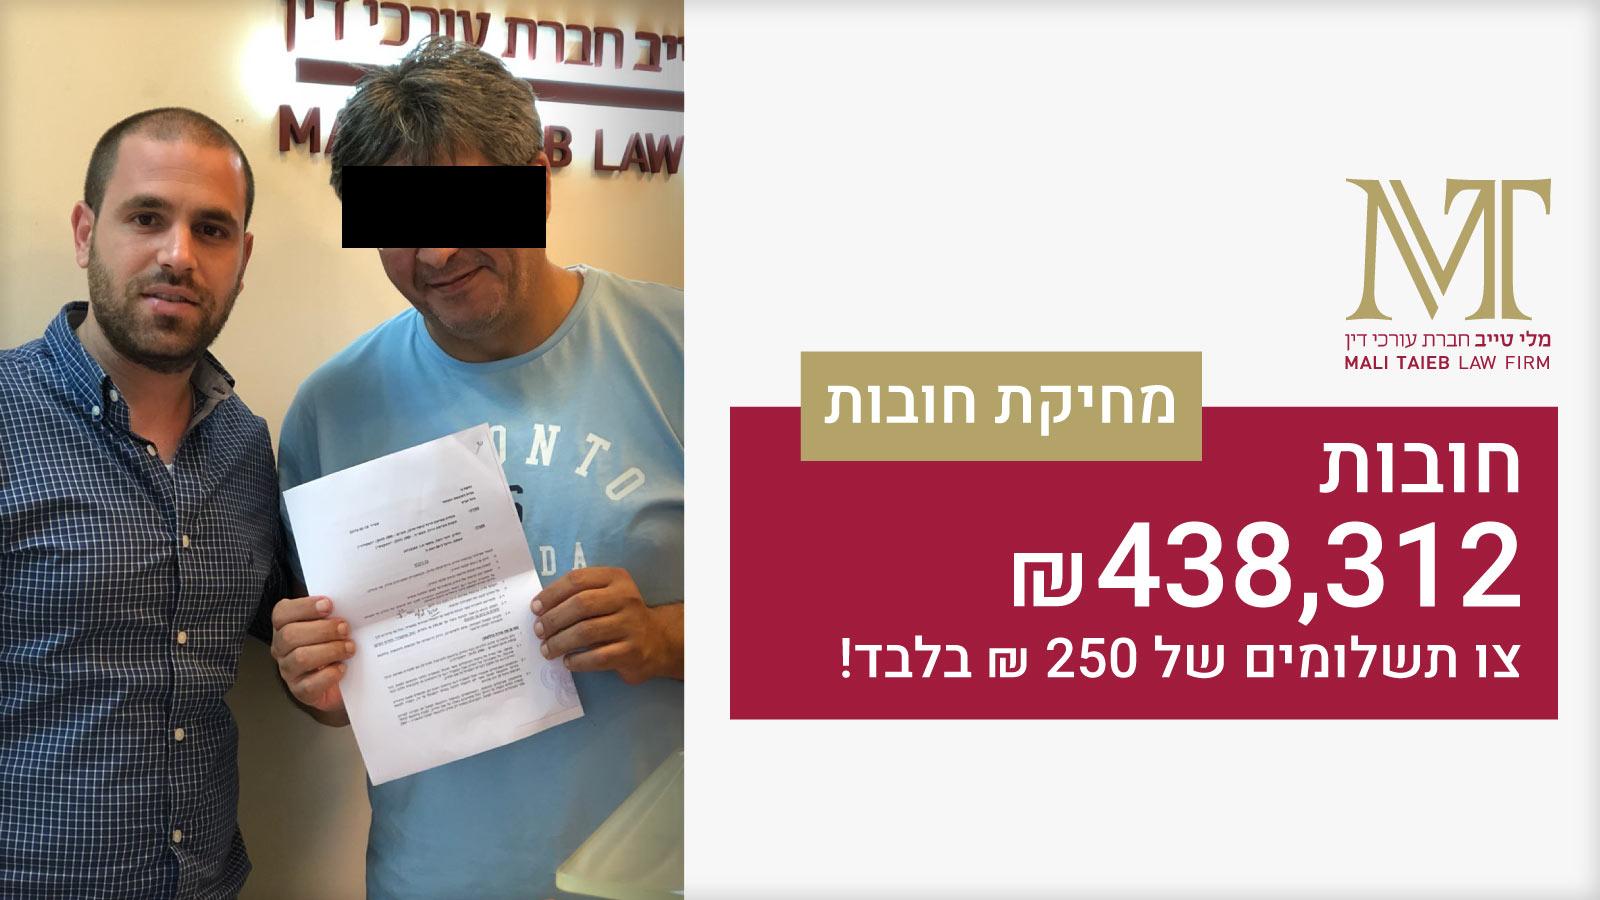 מחיקת חובות משרד עורכי דין - 438K